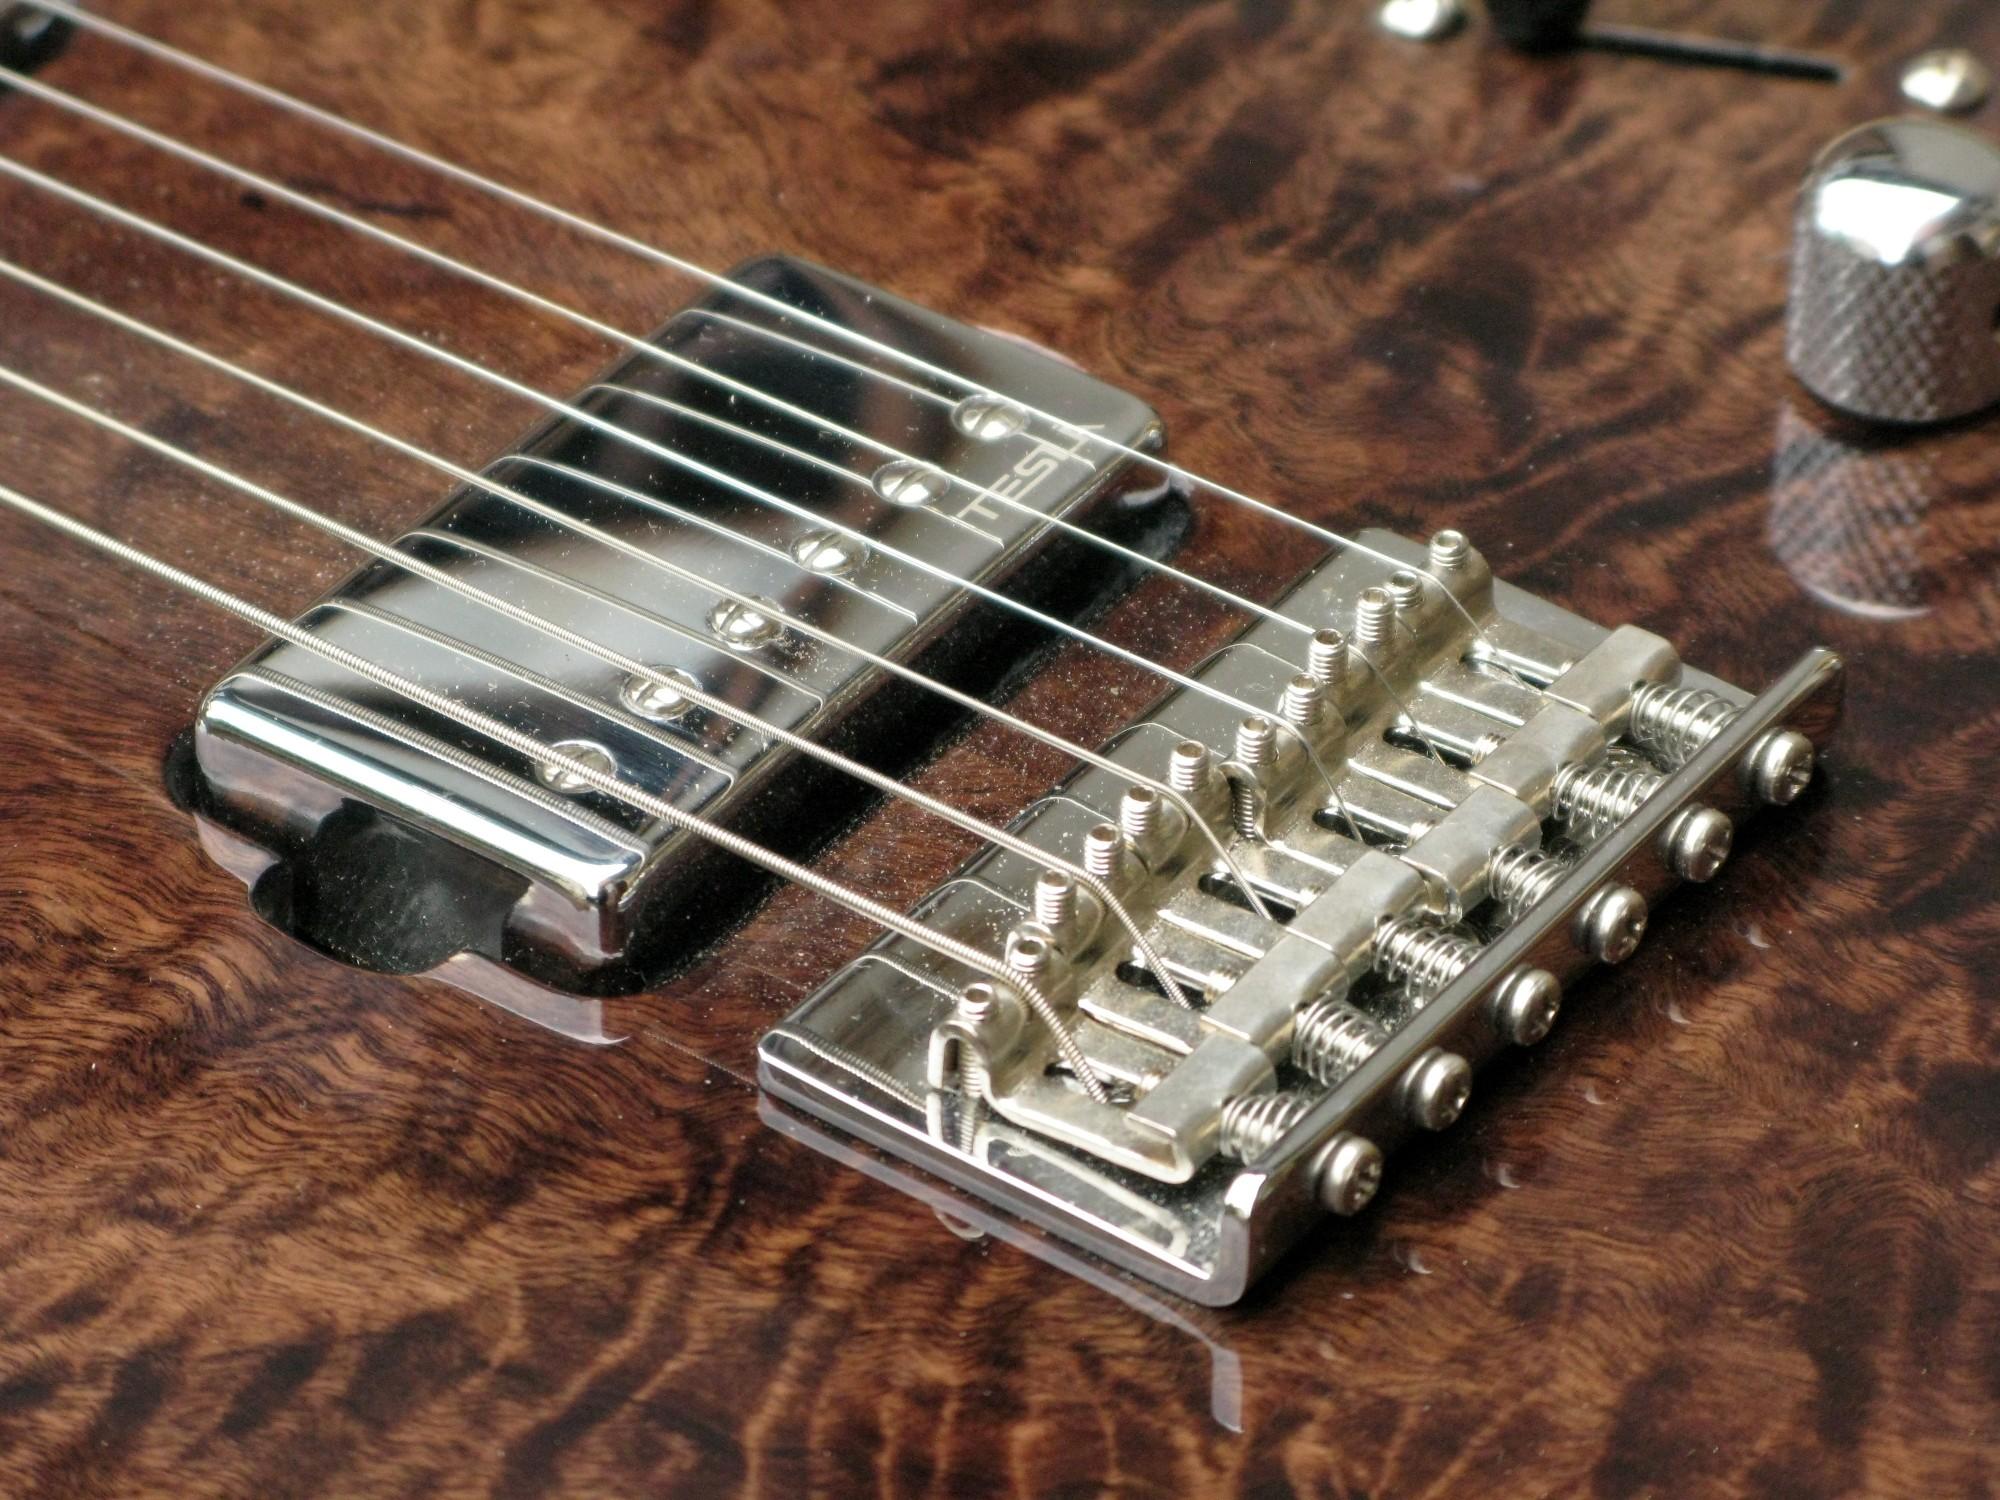 Pickup al ponte di una chitarra elettrica in pioppo